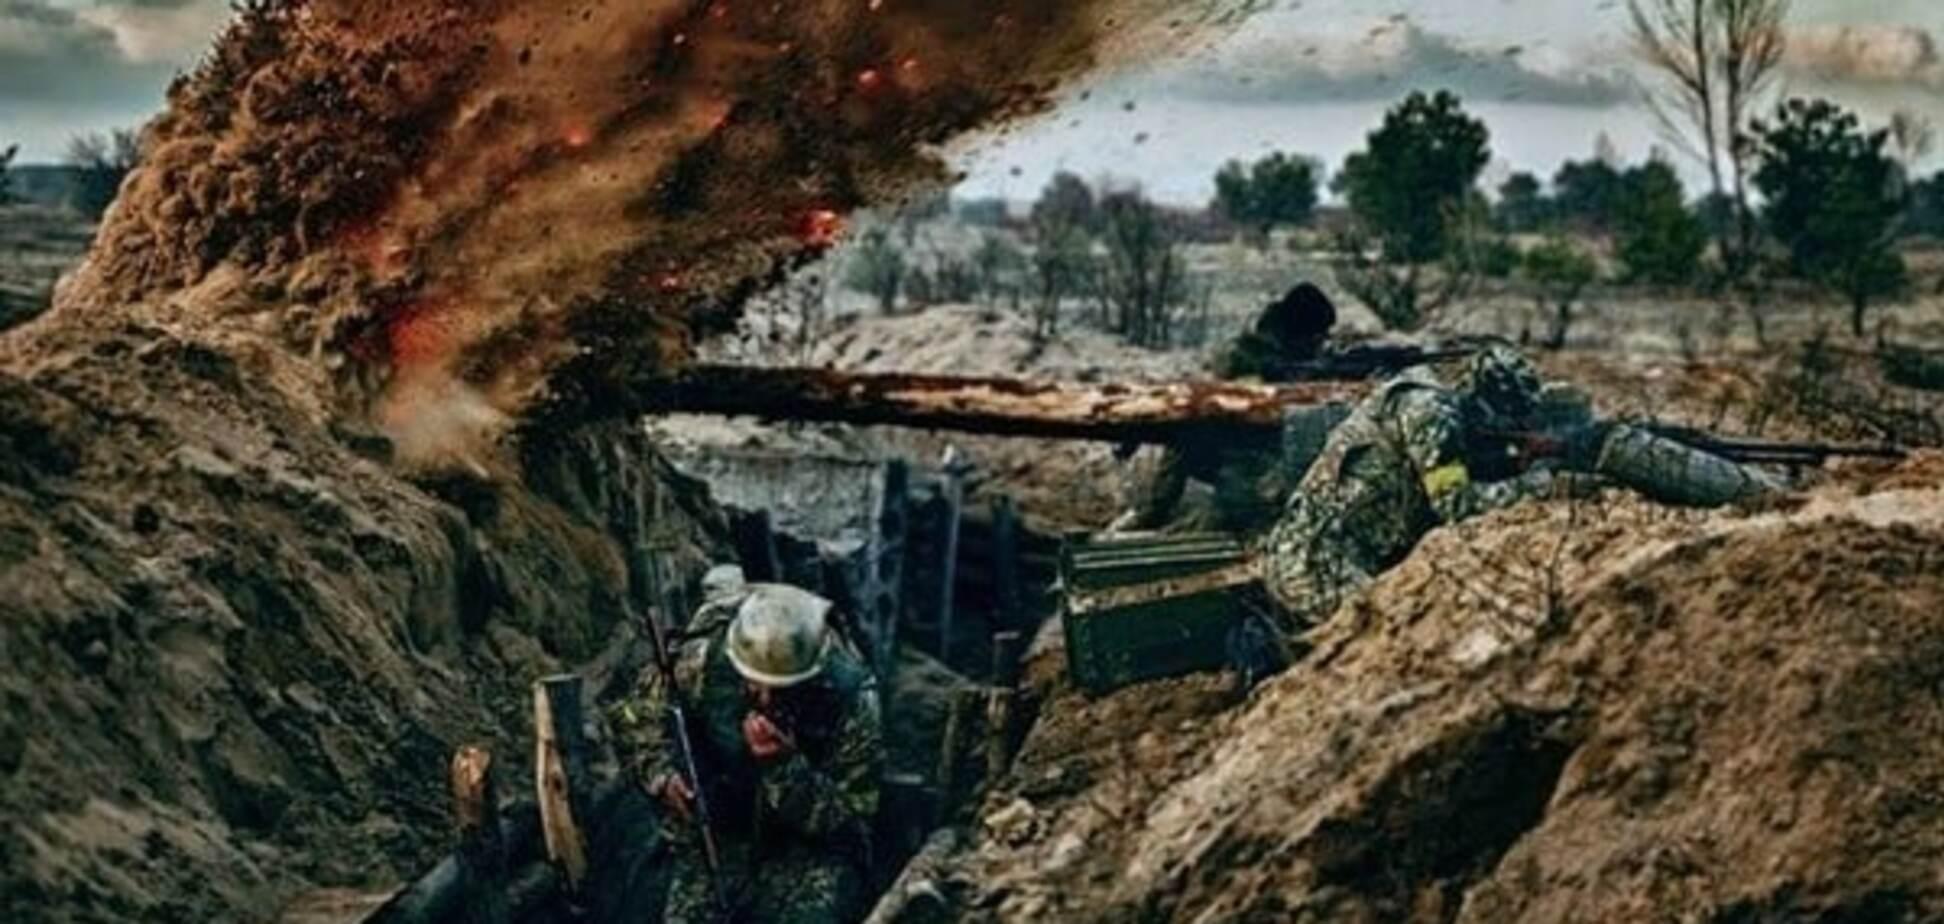 Міста здригалися від вибухів: у соцмережах розповіли про бої під Донецьком і Макіївкою